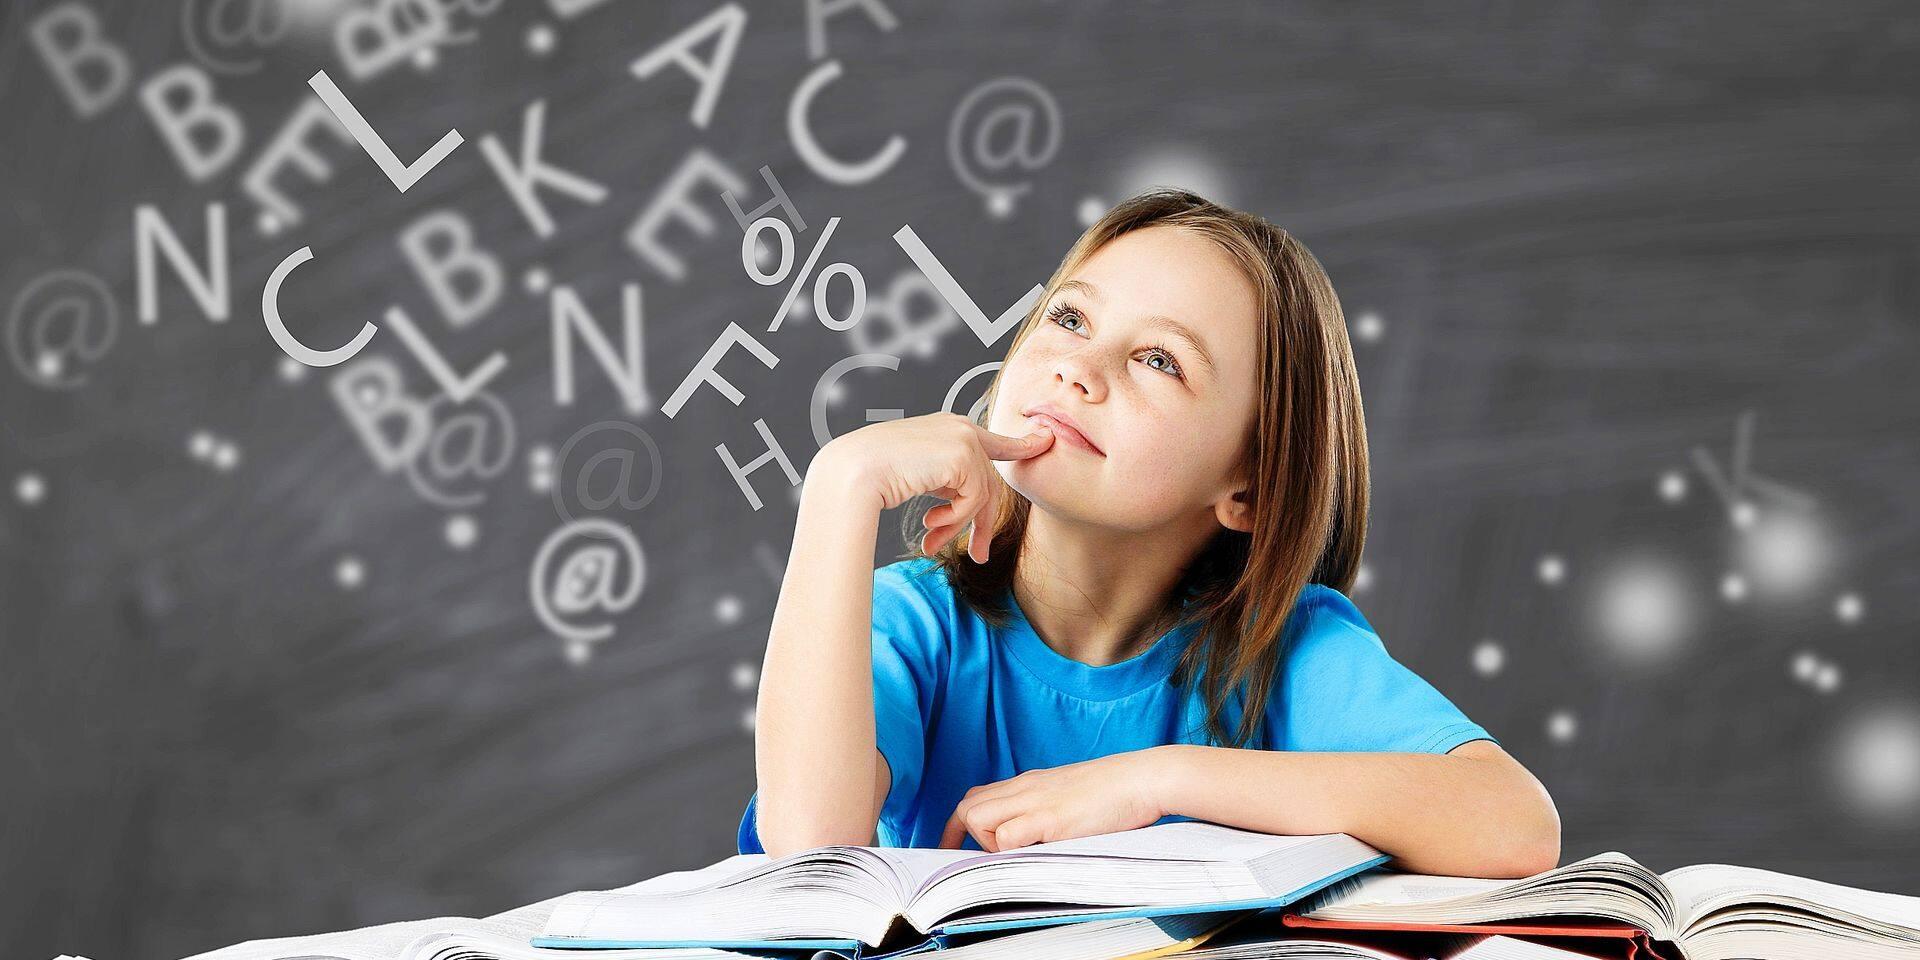 Comment aider un enfant dyslexique ?